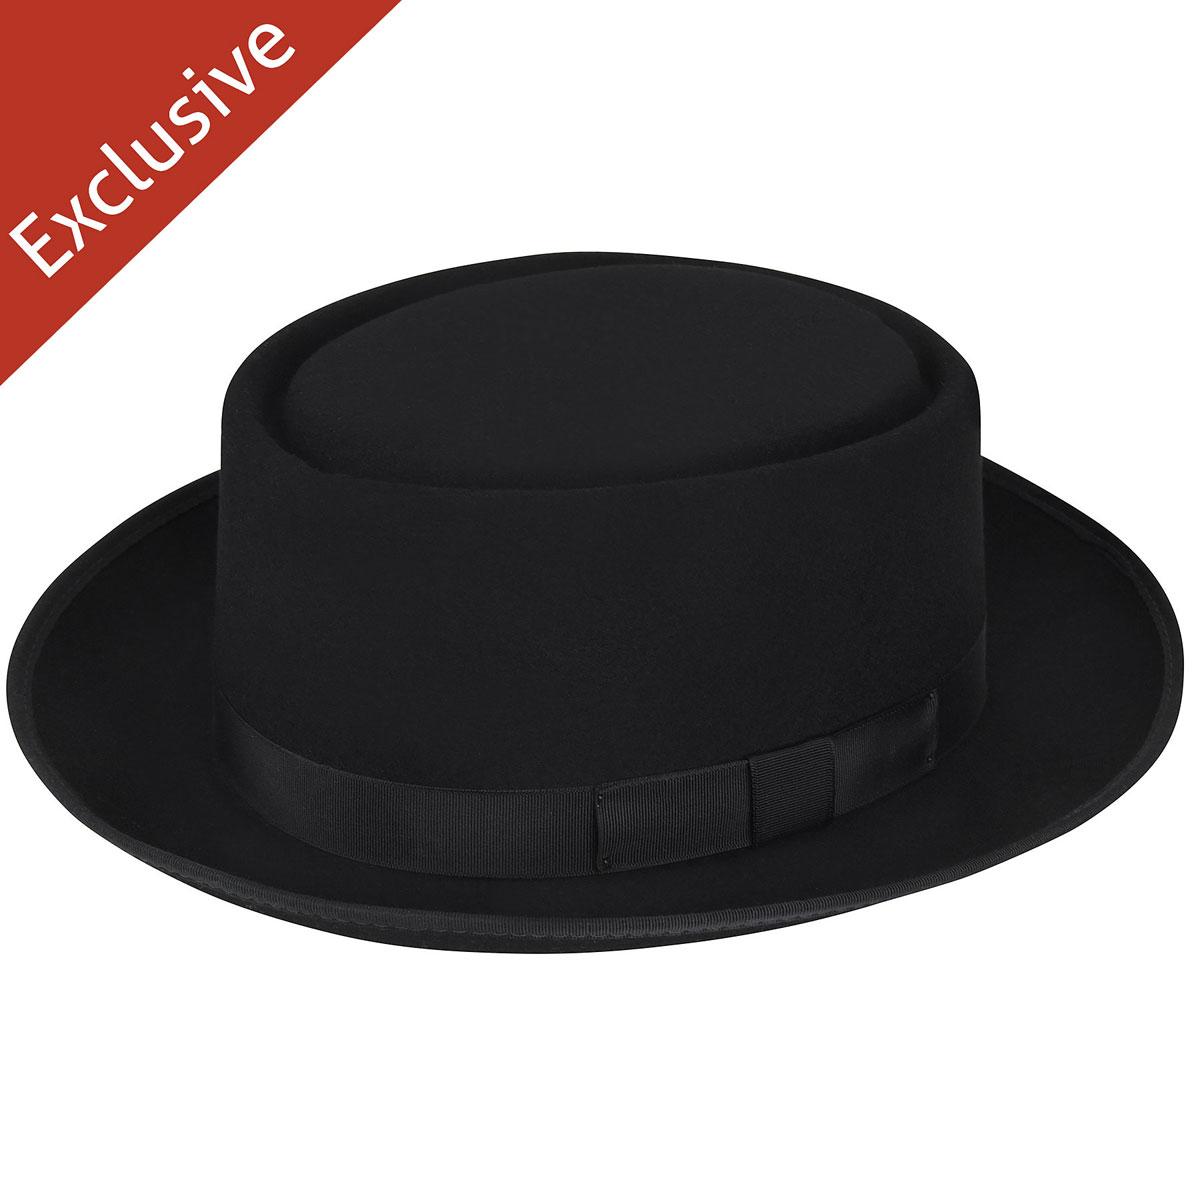 Hats.com Danger Pork Pie - Exclusive in Black